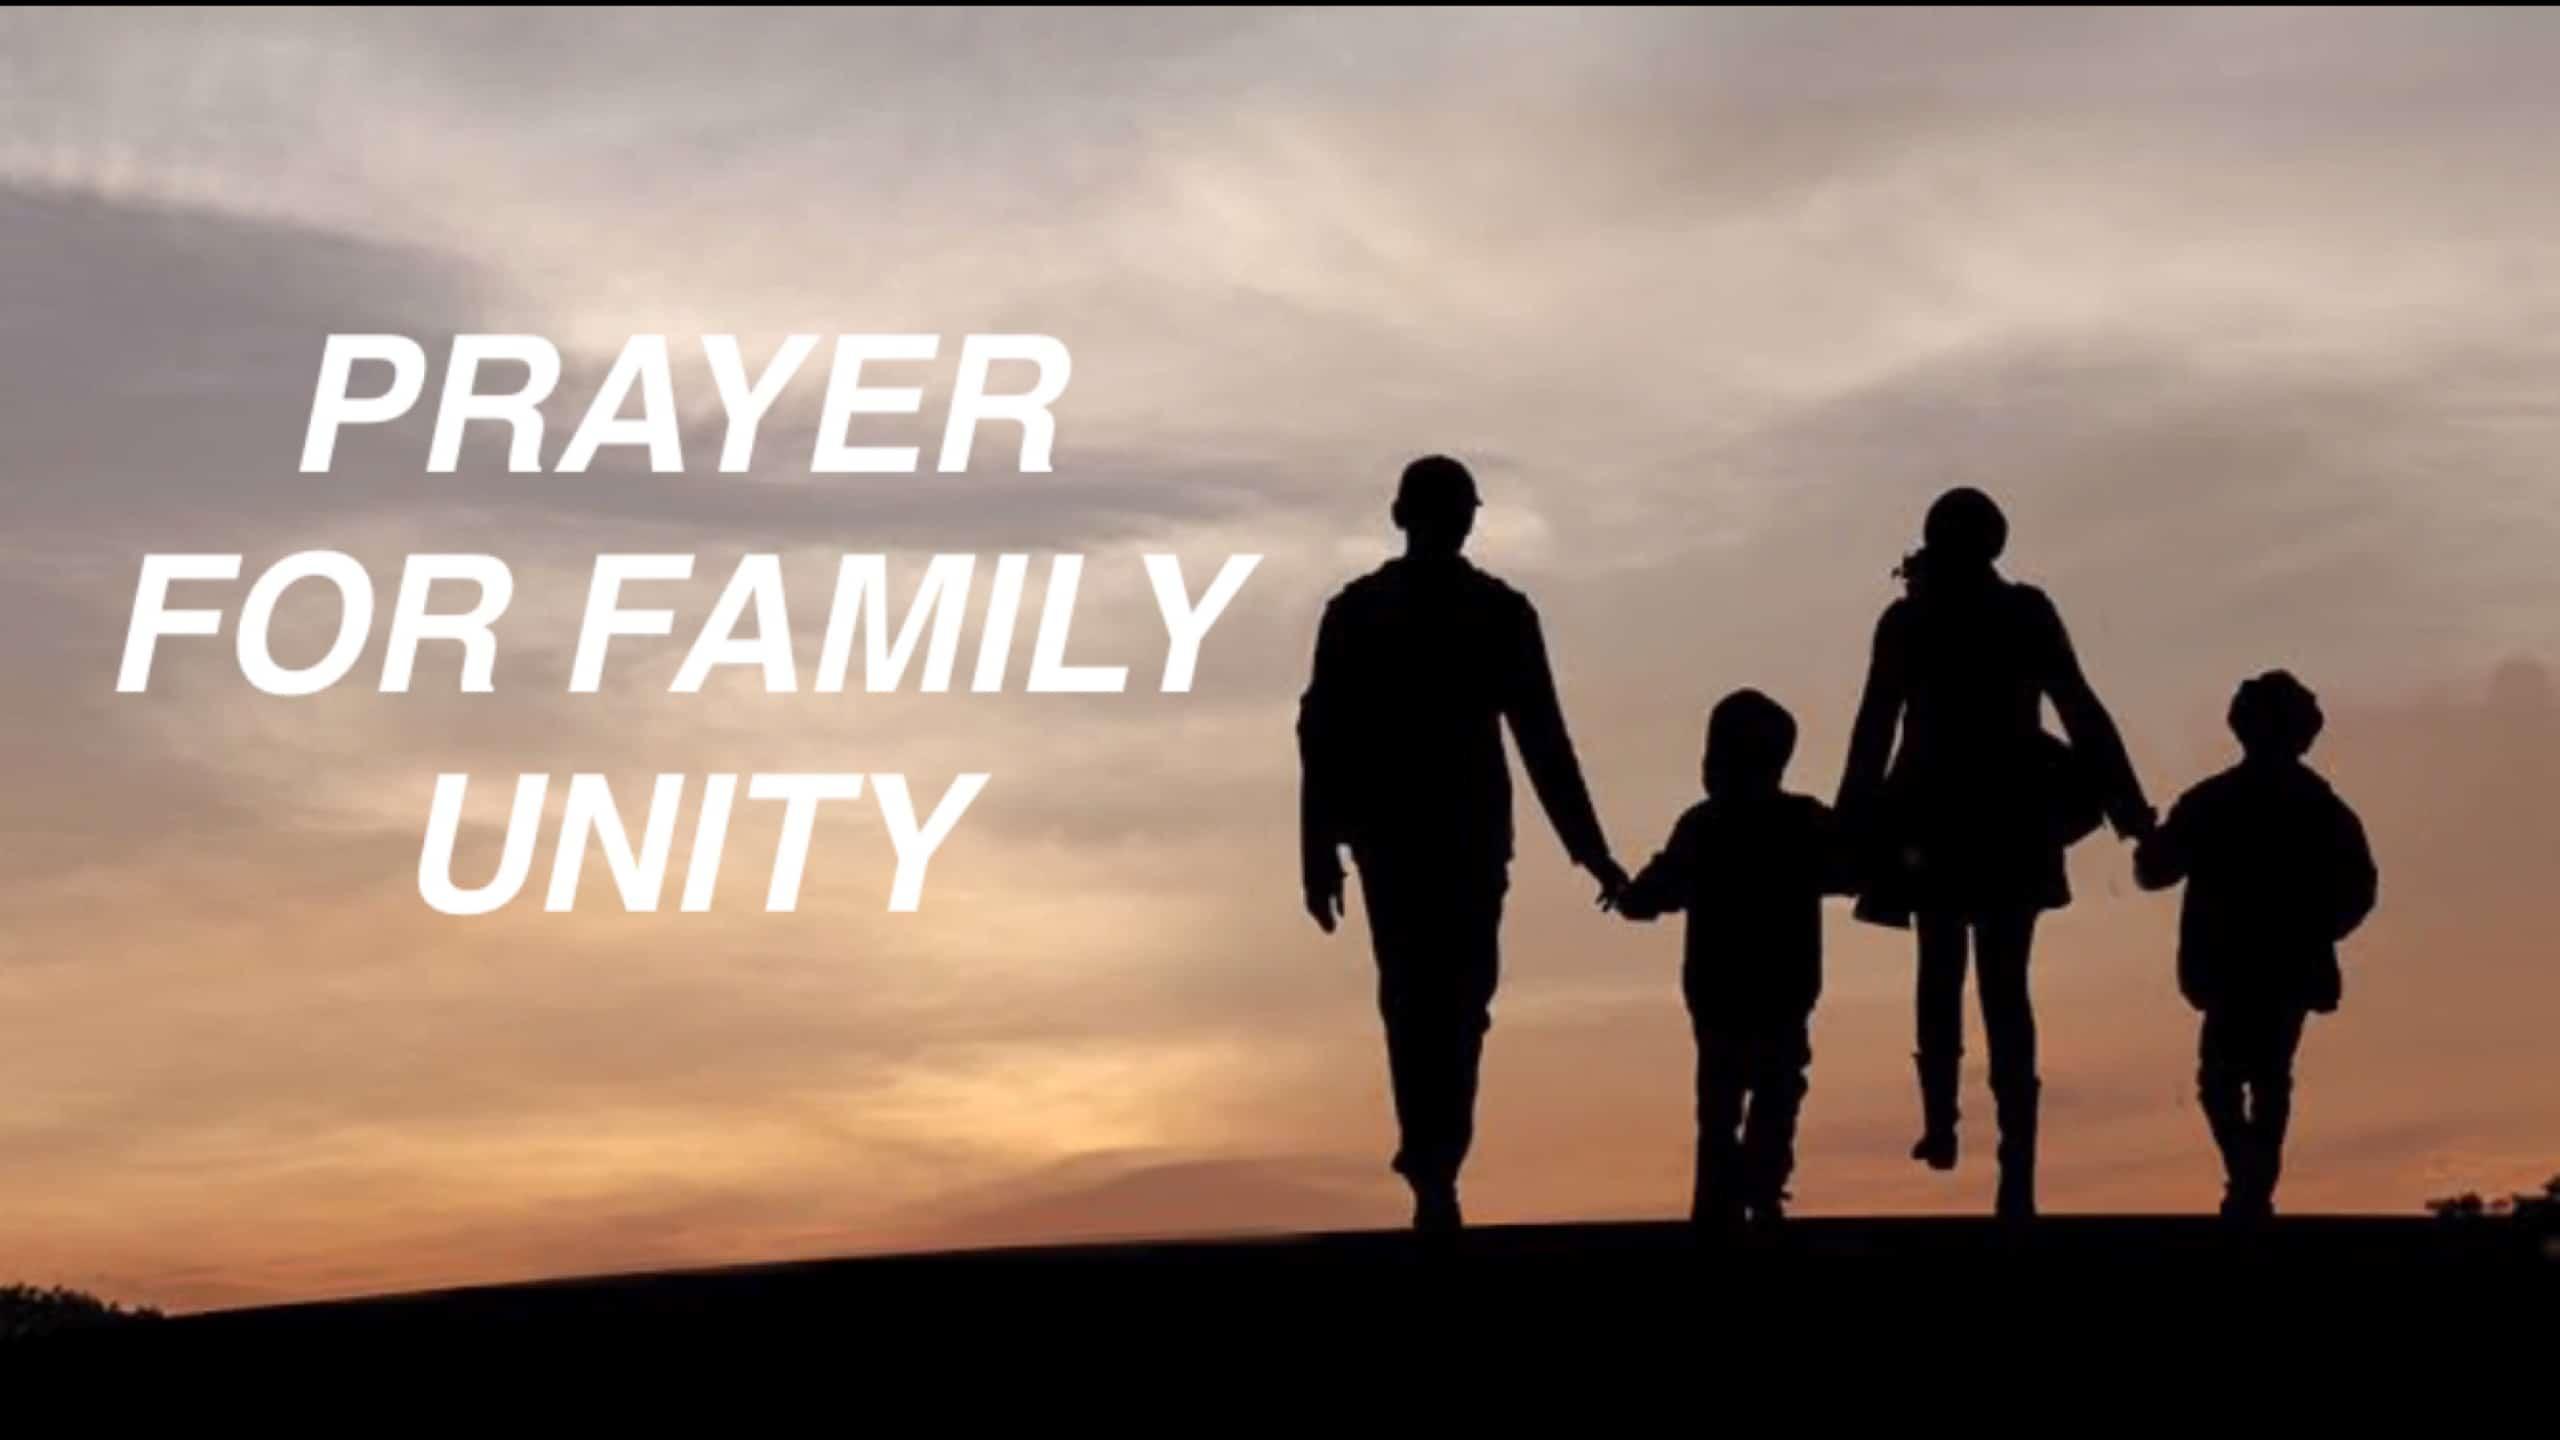 Prayer for family unity